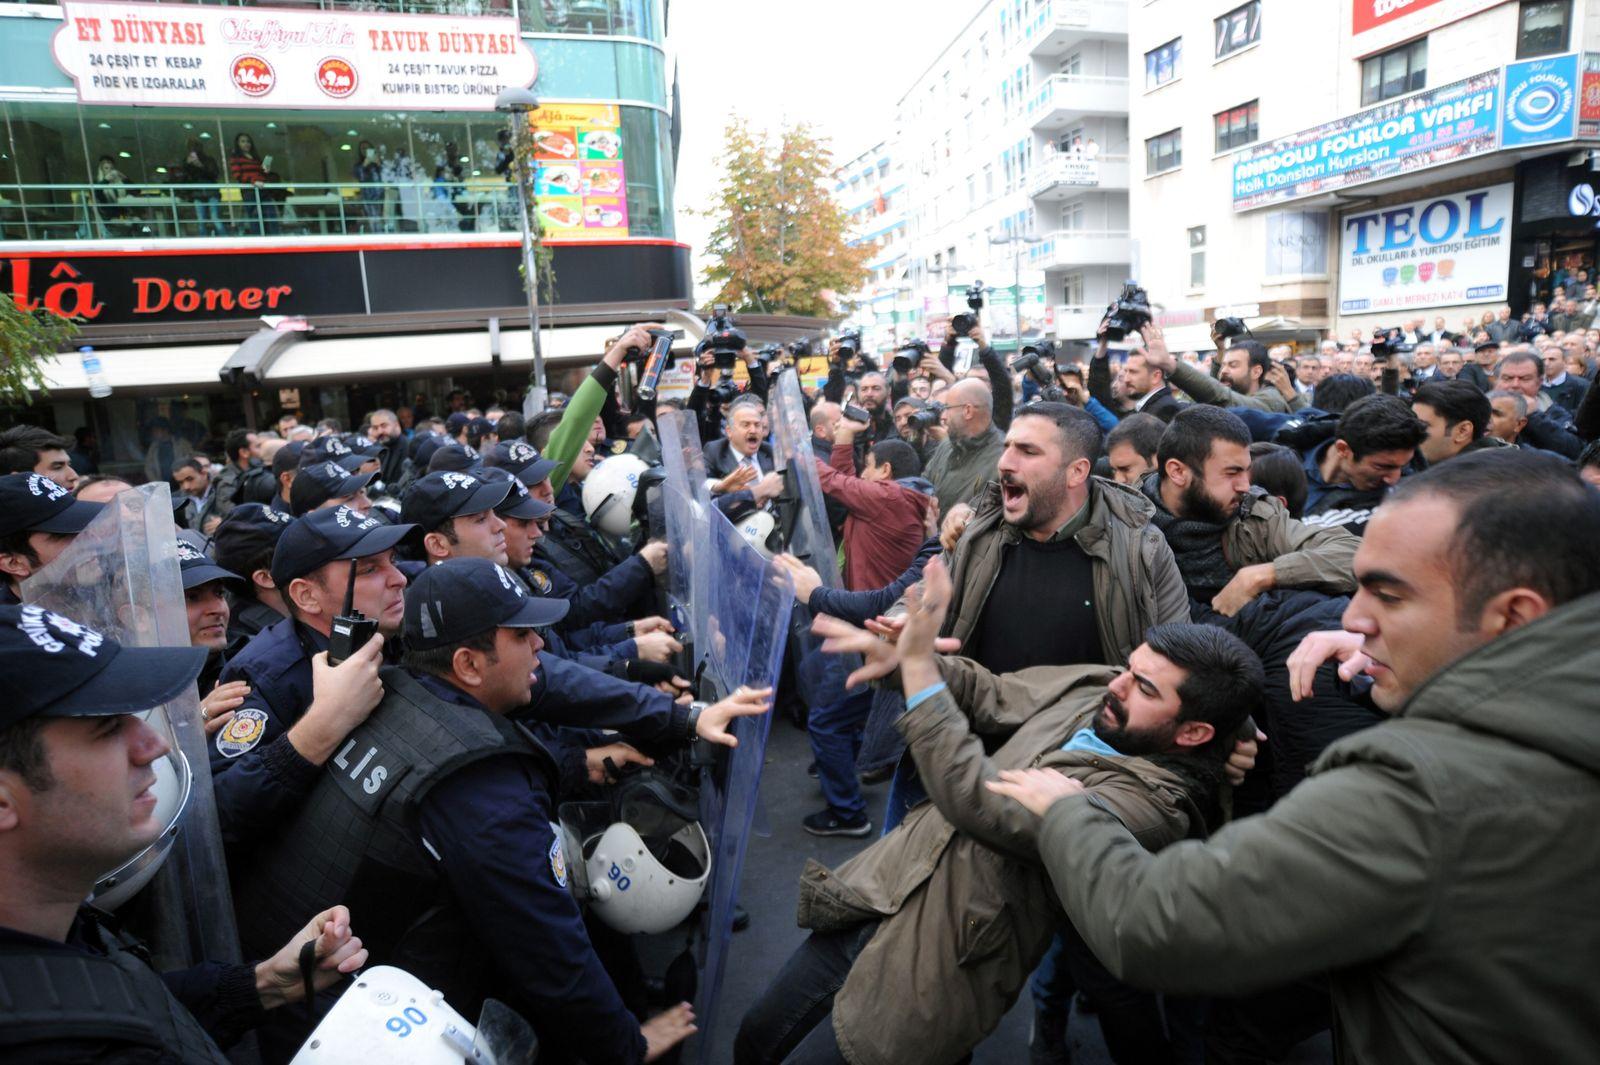 Türkei/ Putsch/ Can Dundar/ Erdem Gul/ Protest/ Krawalle/ Verhaftungen